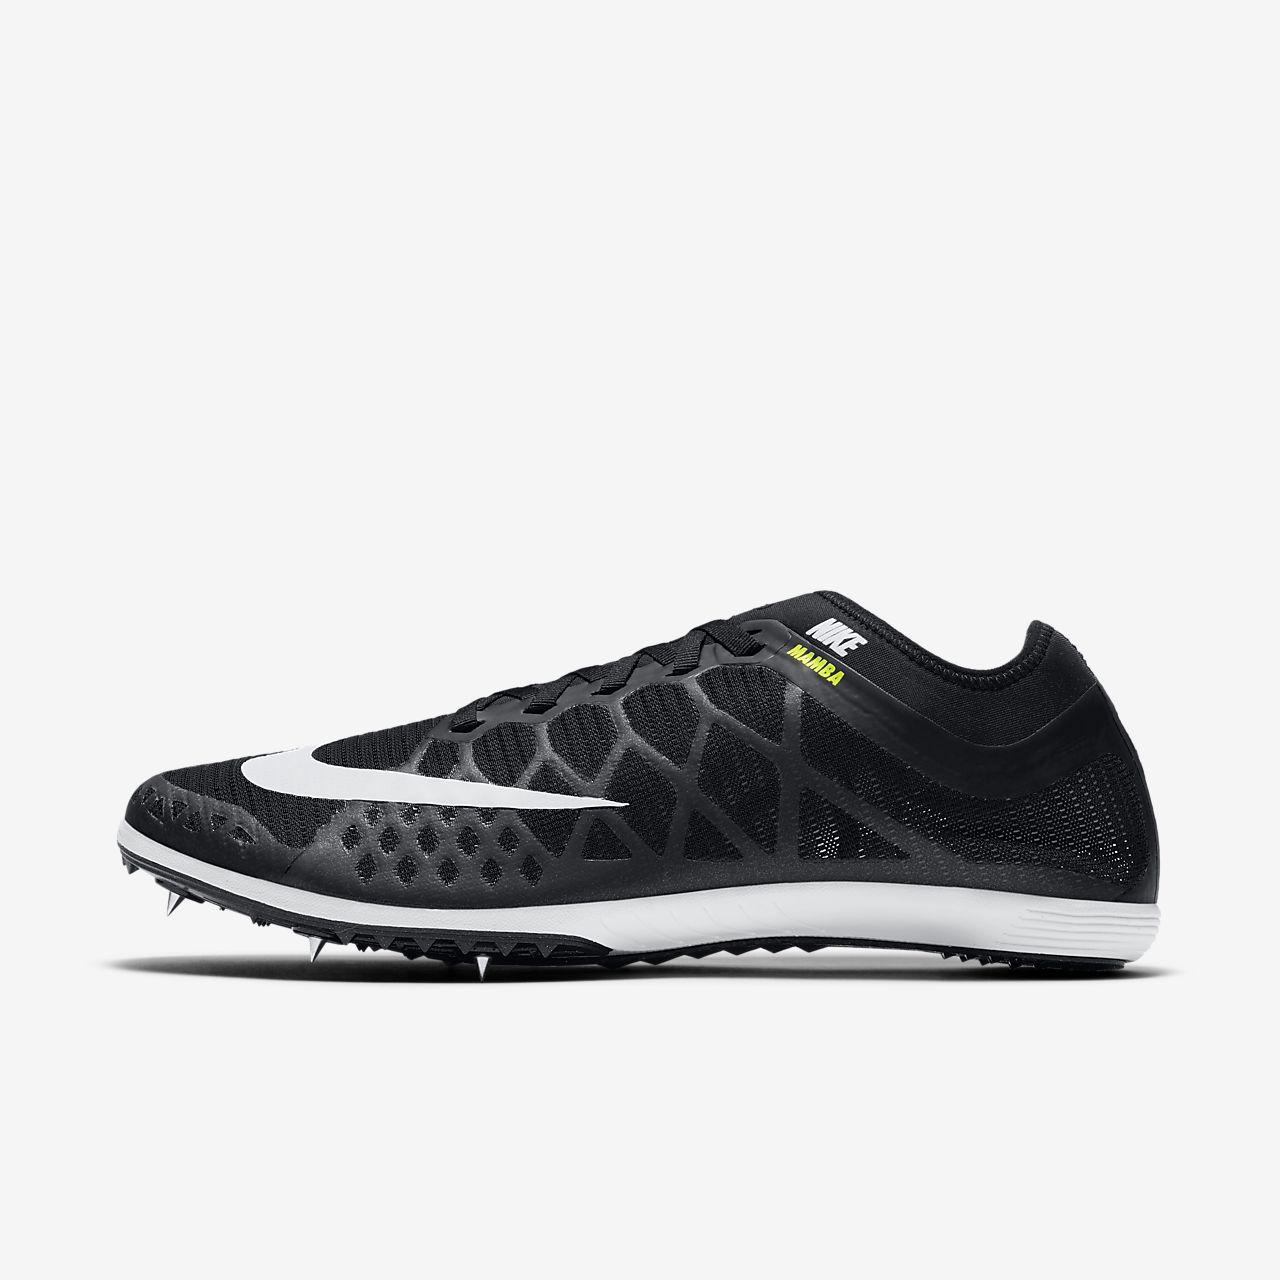 Nike Zoom Mamba 3 706617 017